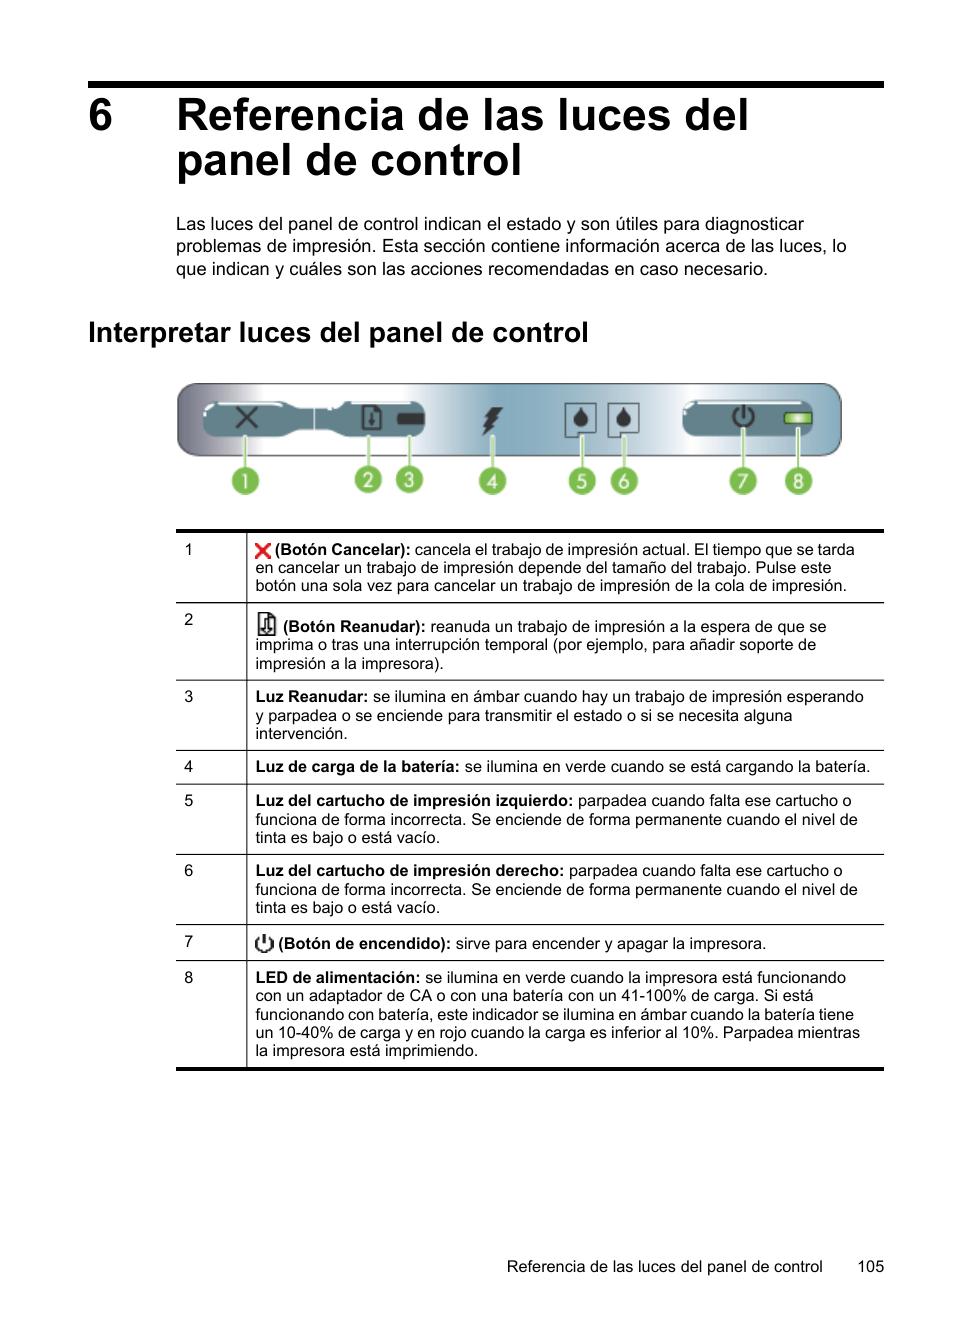 Referencia de las luces del panel de control, Interpretar luces del ...